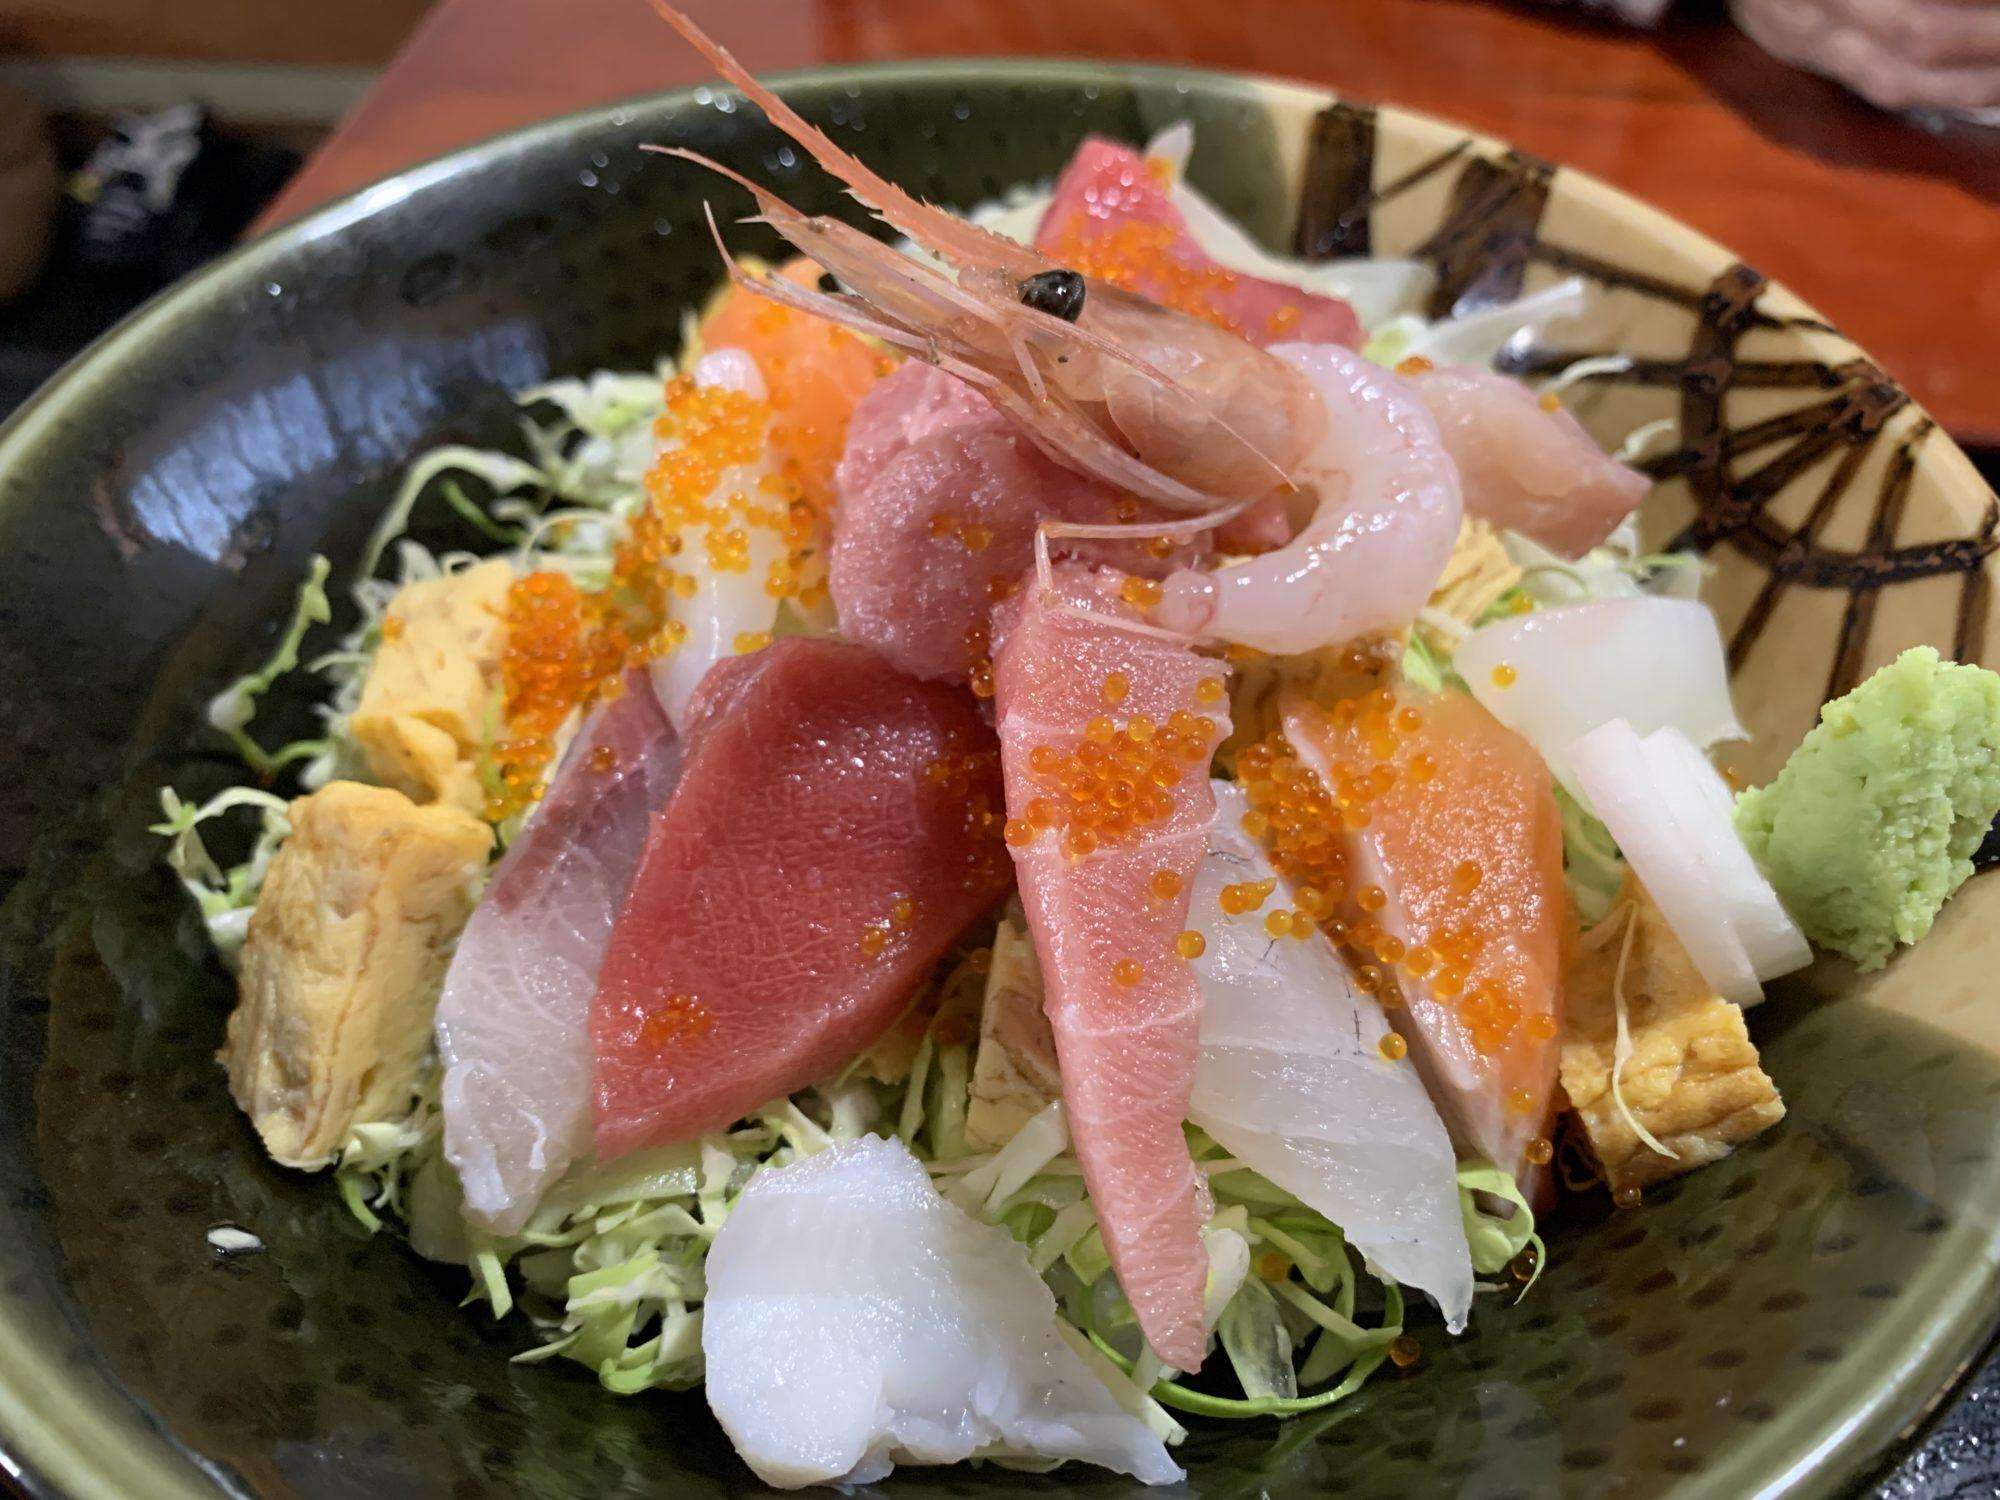 佐久穂の食事処しらかば海鮮バラちらし